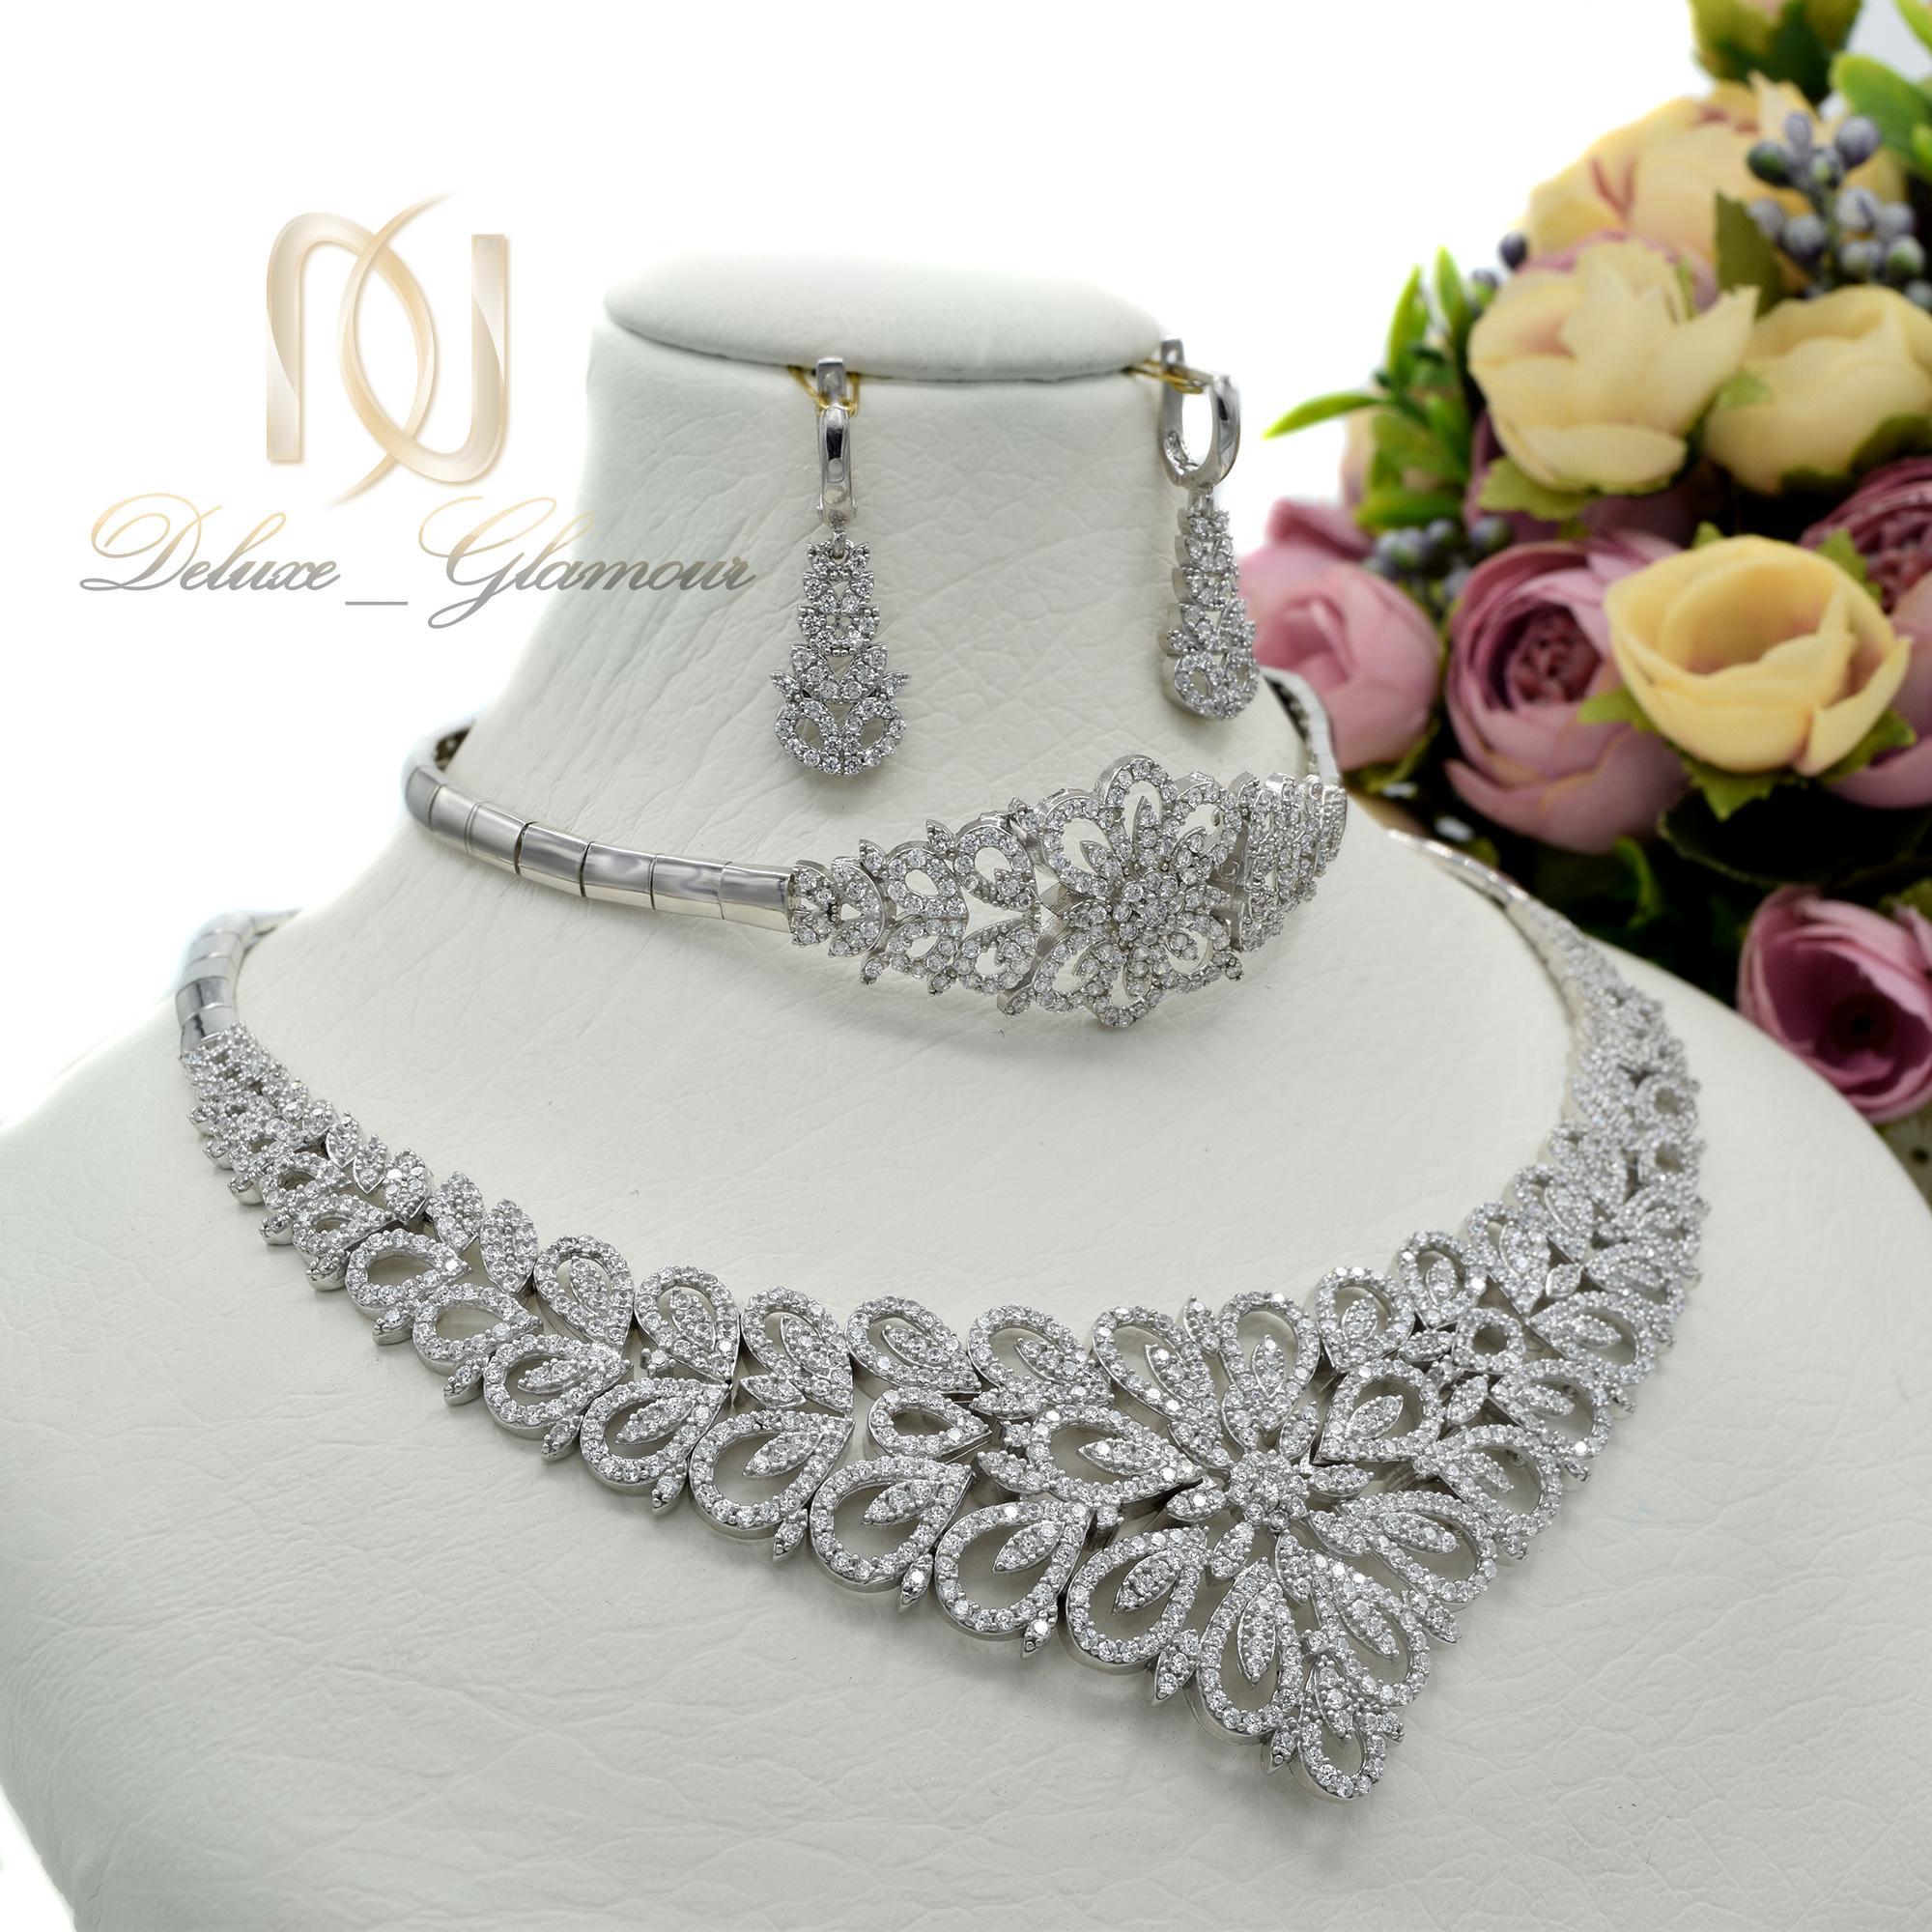 سرویس نقره طرح جواهر جدید ns-n419 از نمای سفید